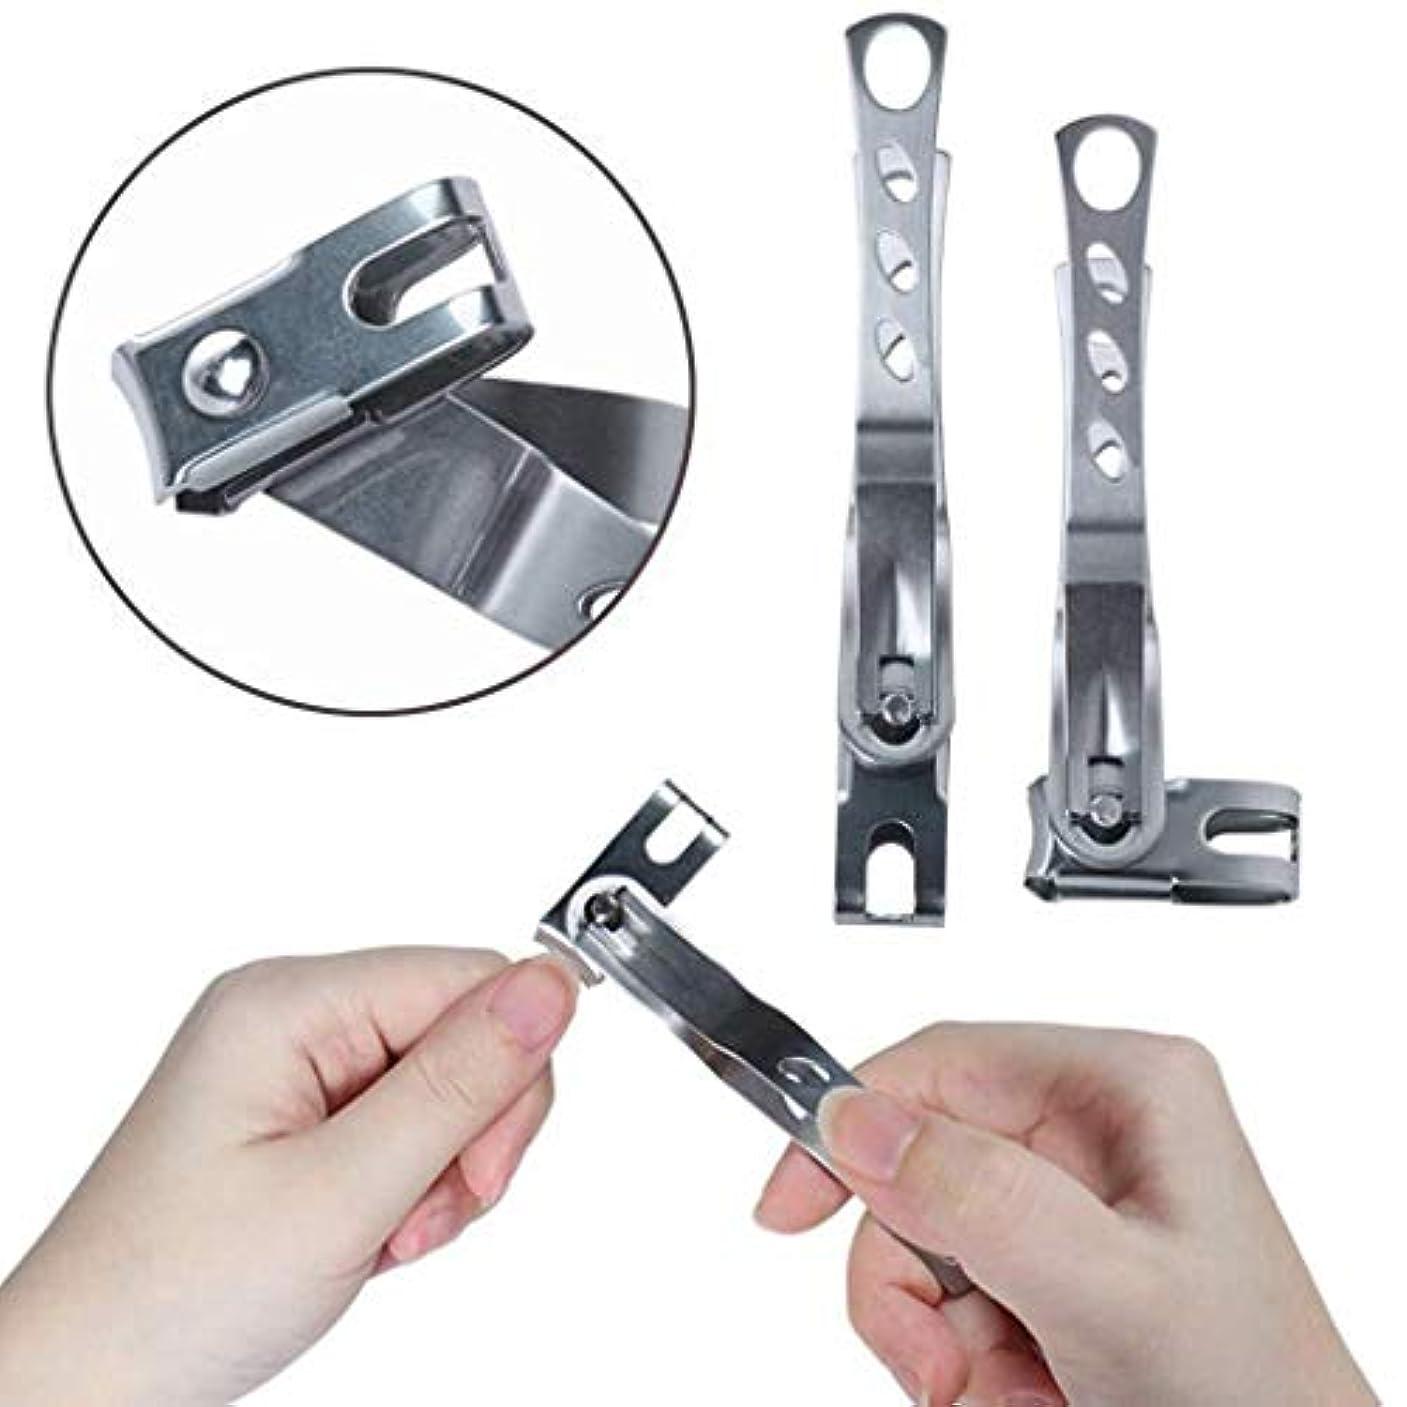 疑い者推進納得させる360度回転ネイルバリカン、430ステンレス鋼ペンチ指のつま先ネイルはさみマニキュアツール